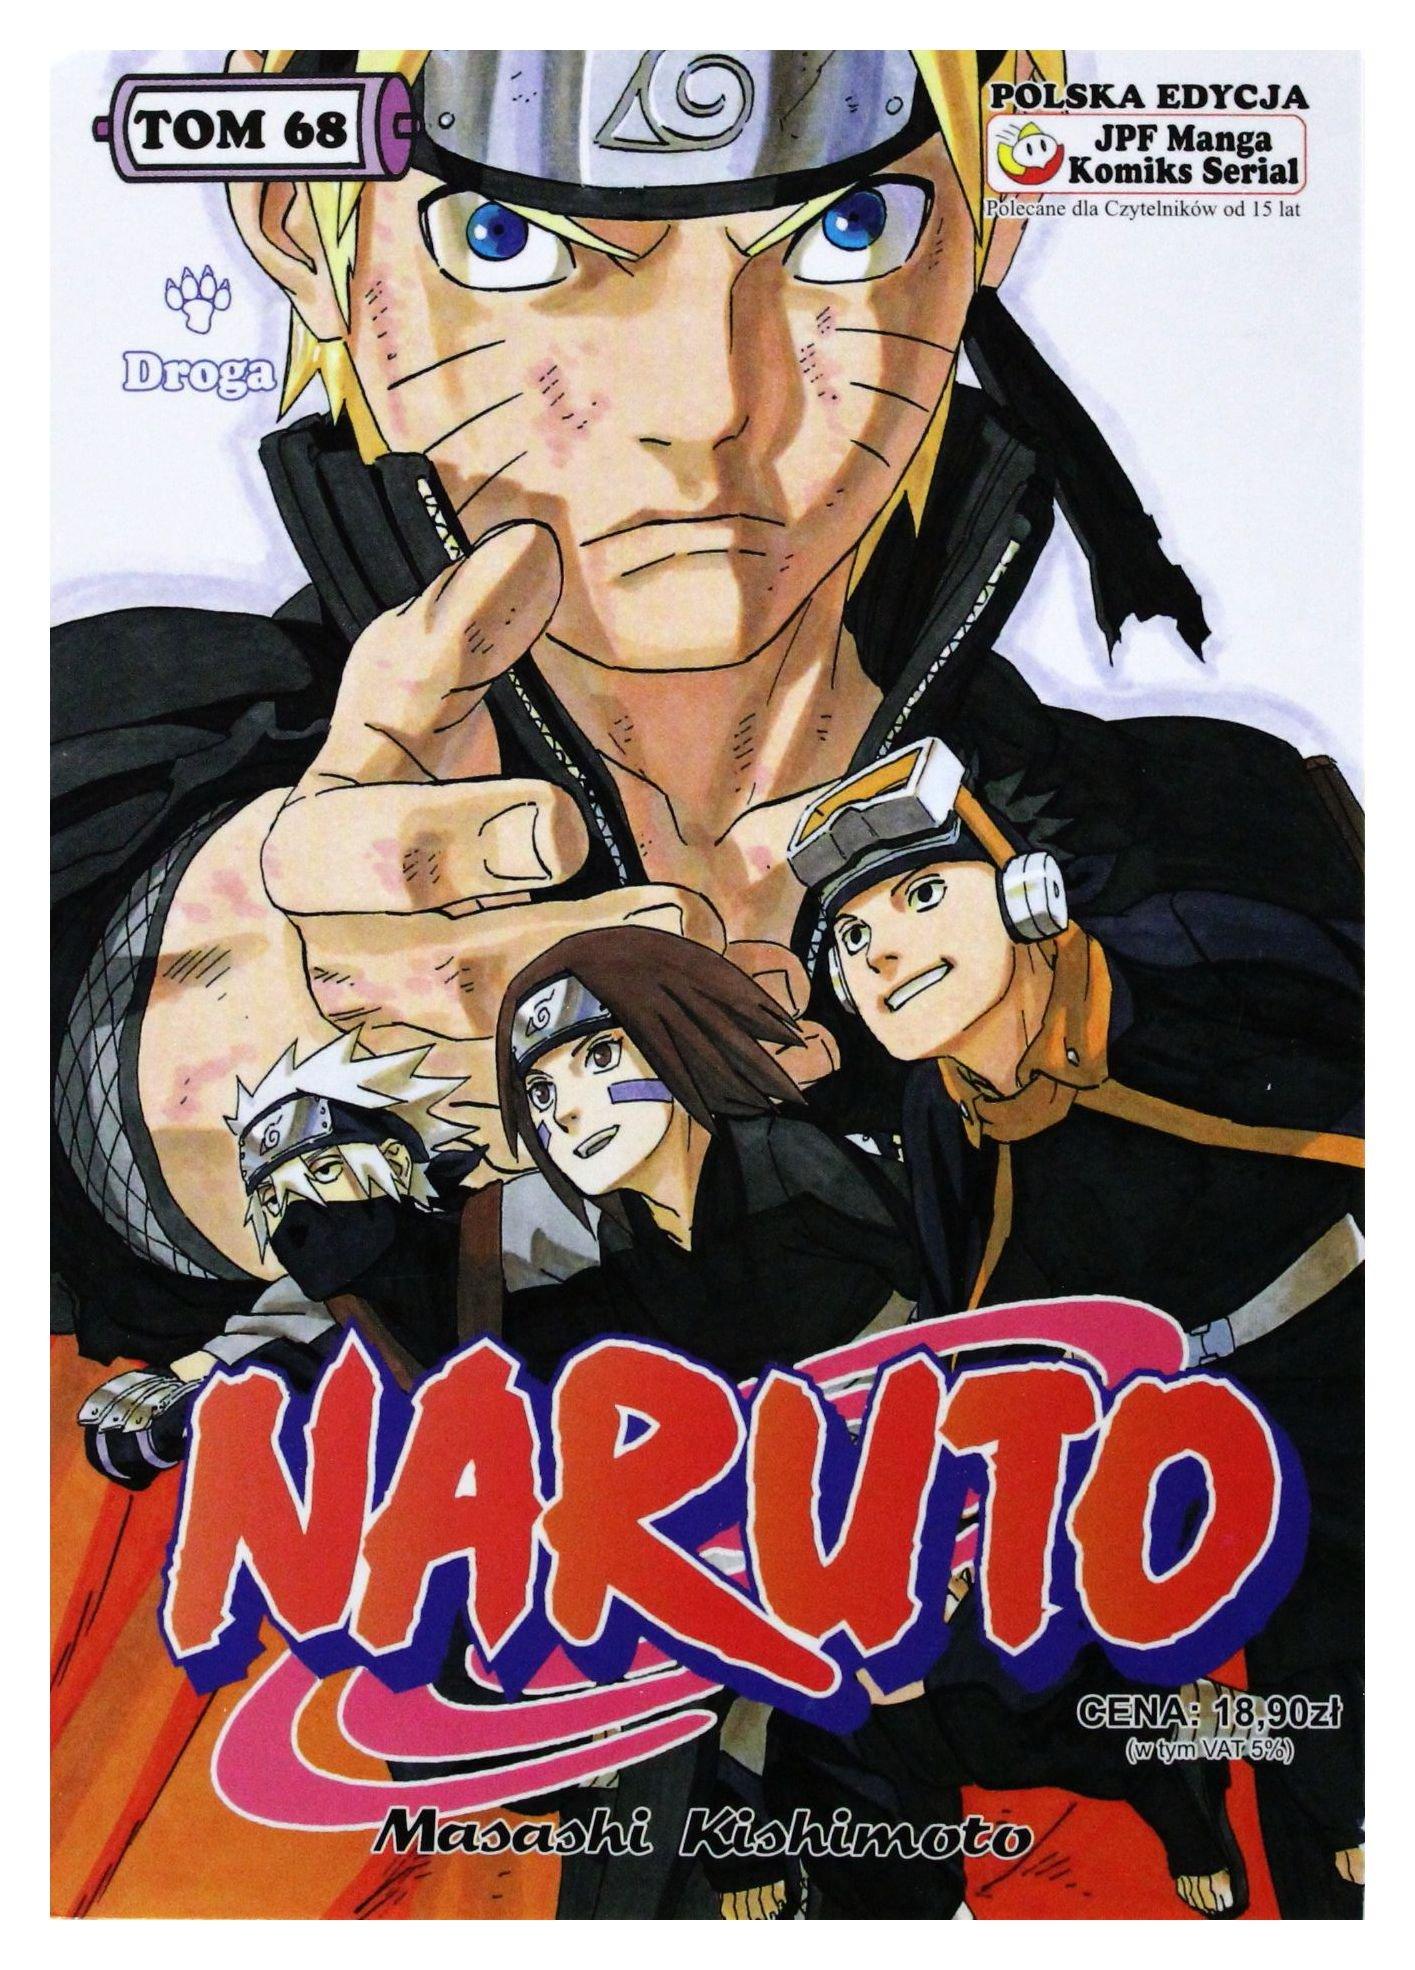 Naruto (Tom 26) - Masashi Kishimoto [KOMIKS] ebook